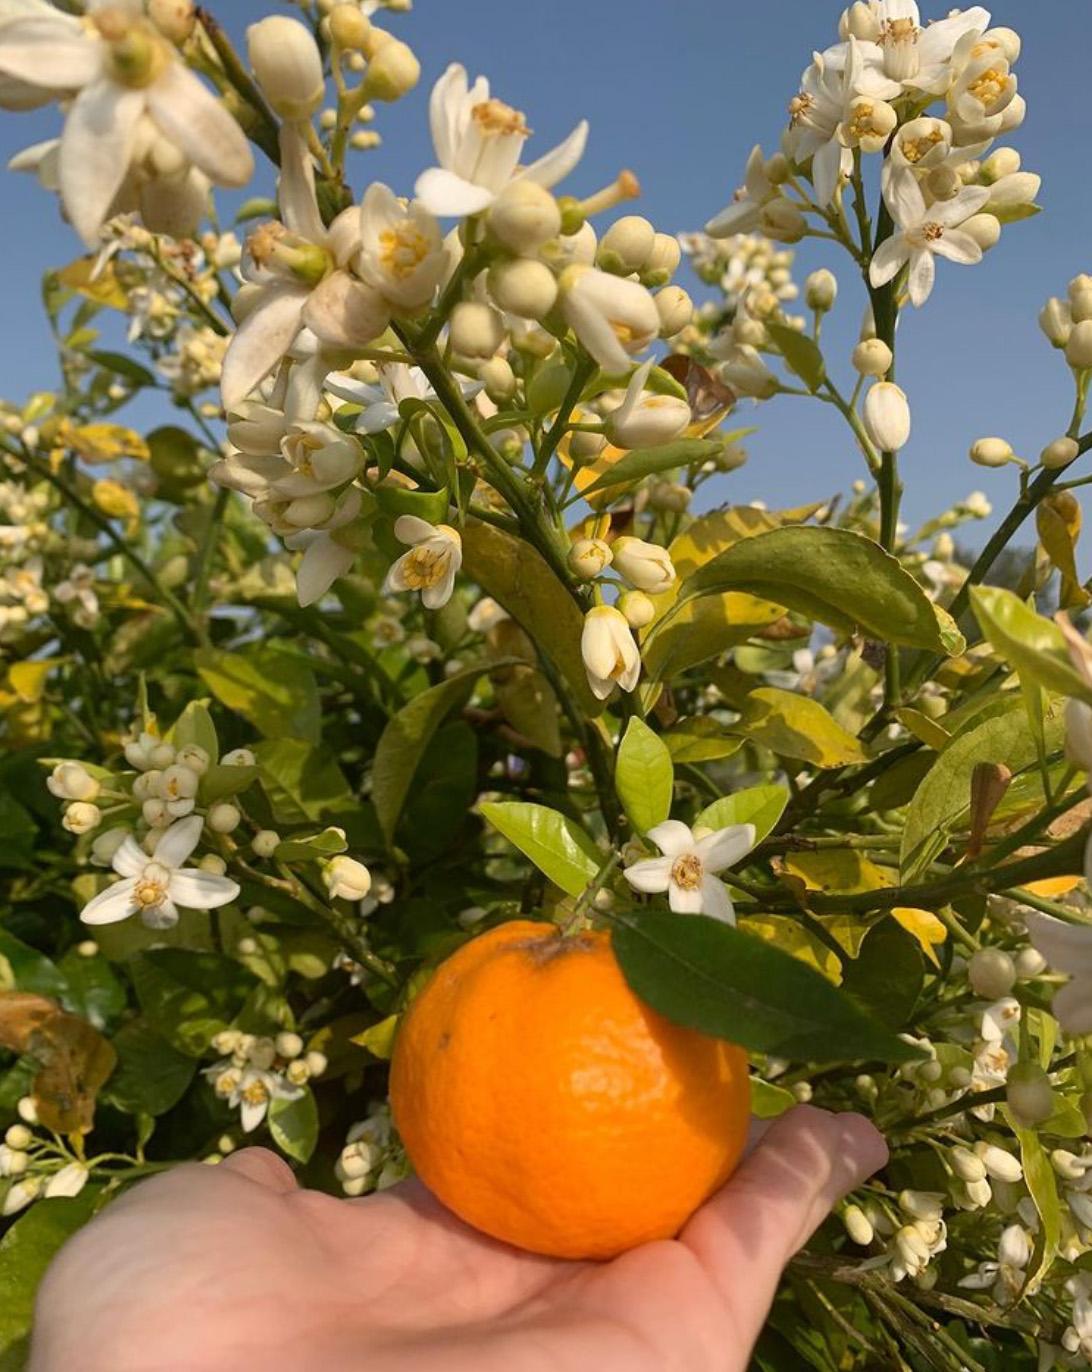 Renato hält eine Mandarine am Baum in die Kamera.